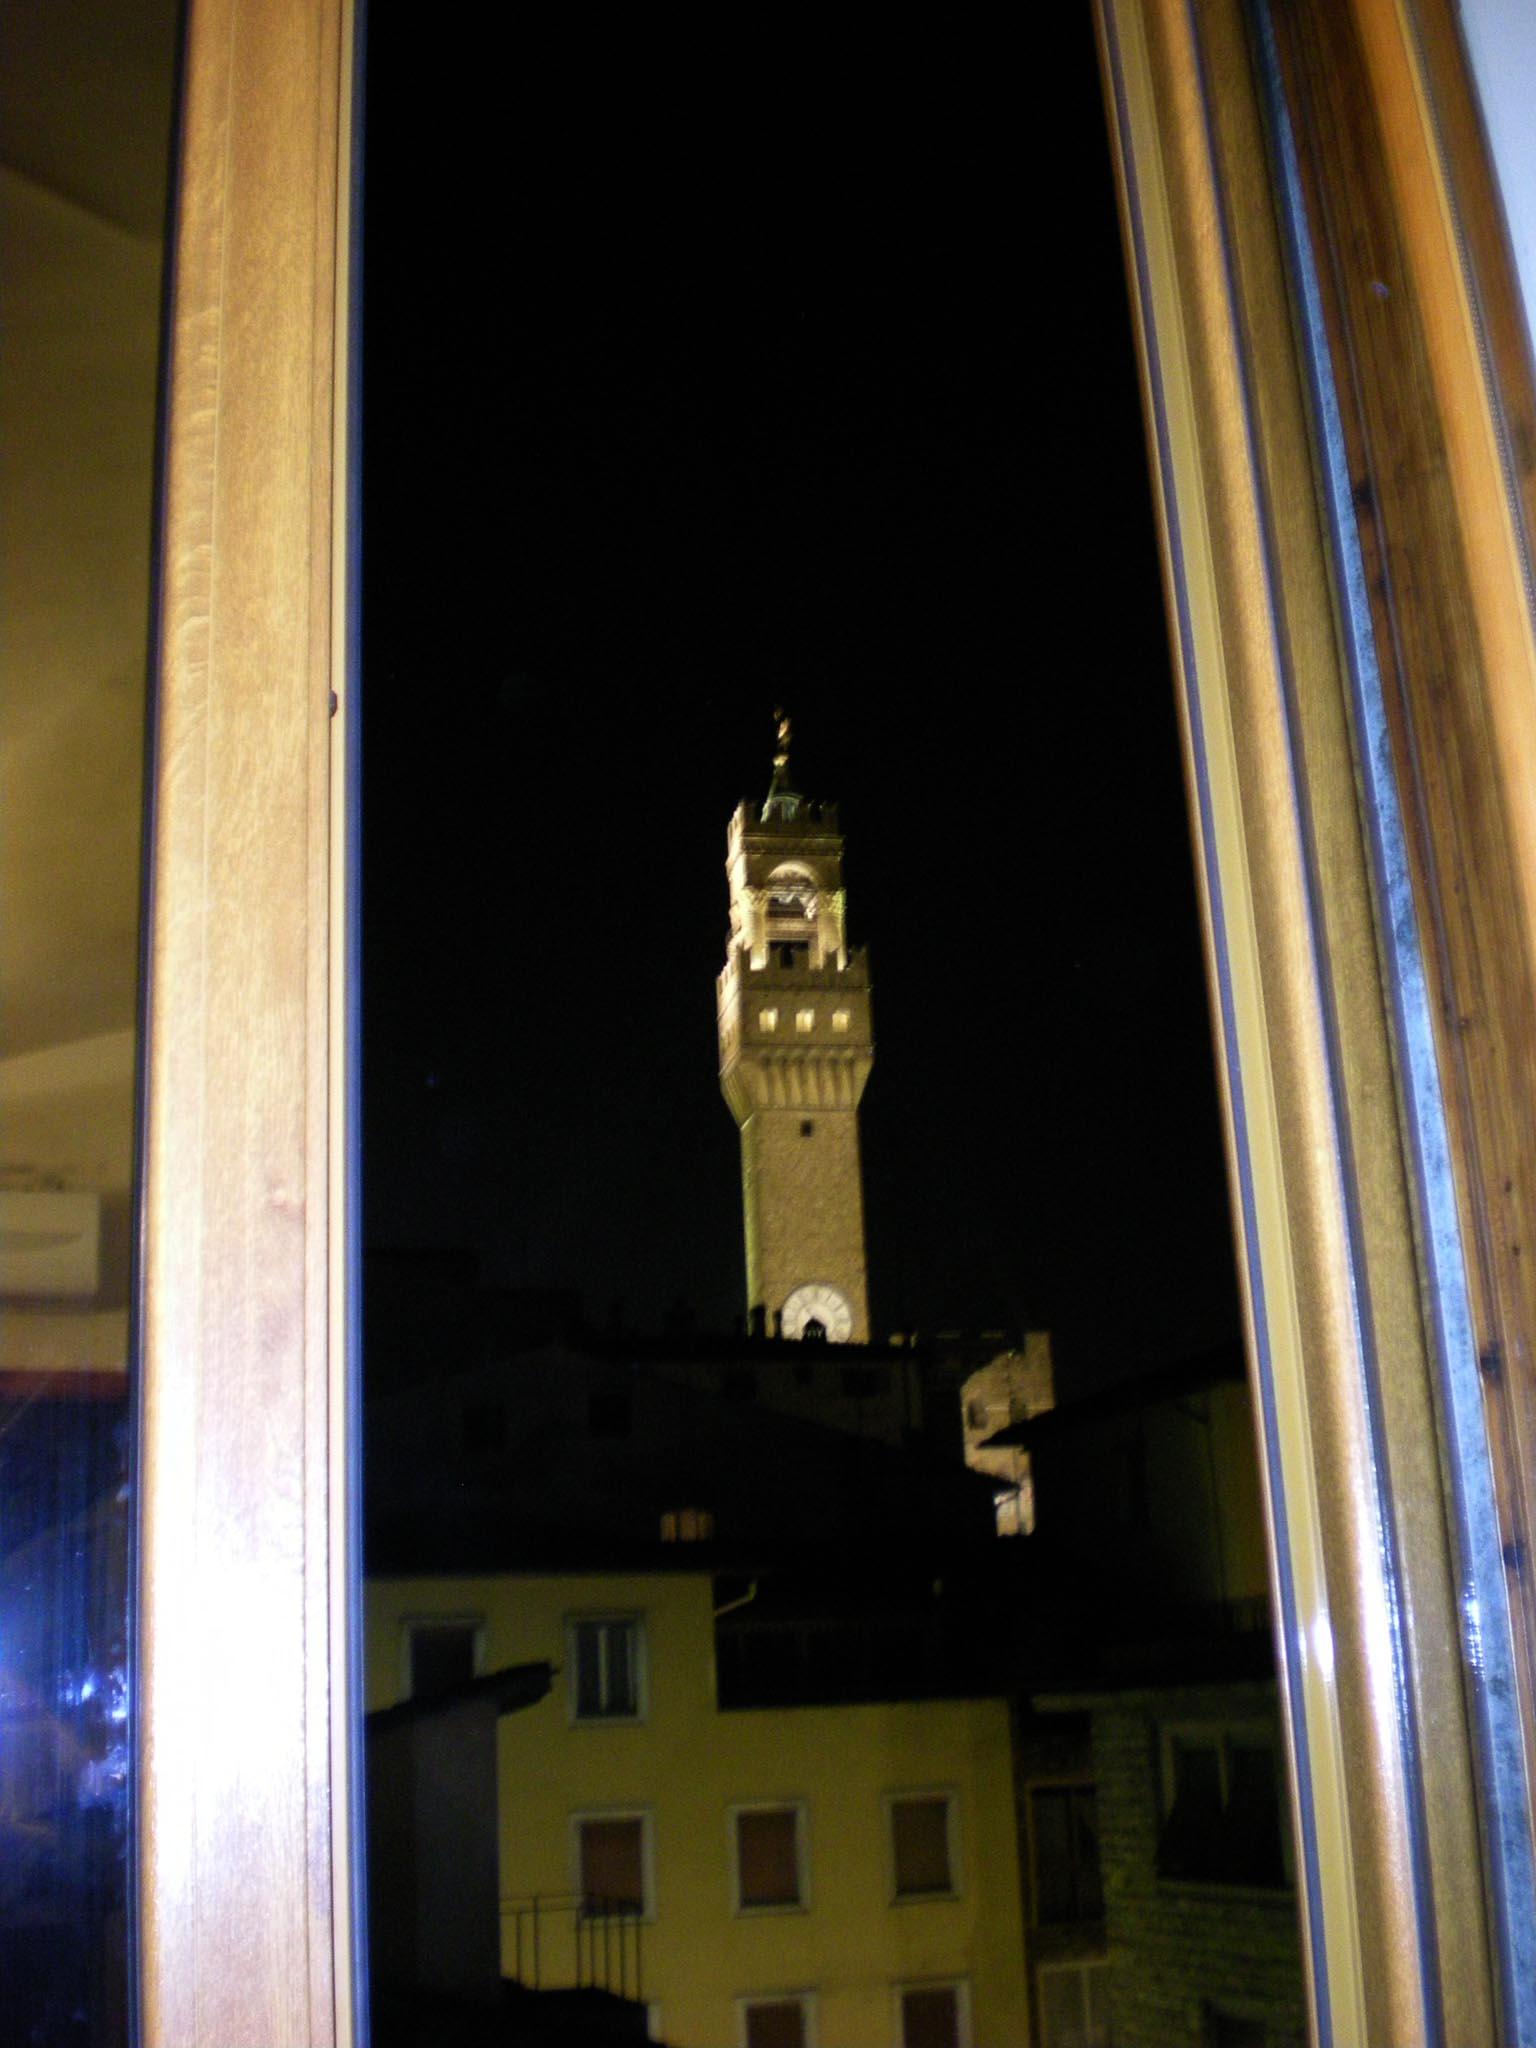 窓からこんな景色が見えるフィレンツェのプチホテル★_c0179785_538317.jpg